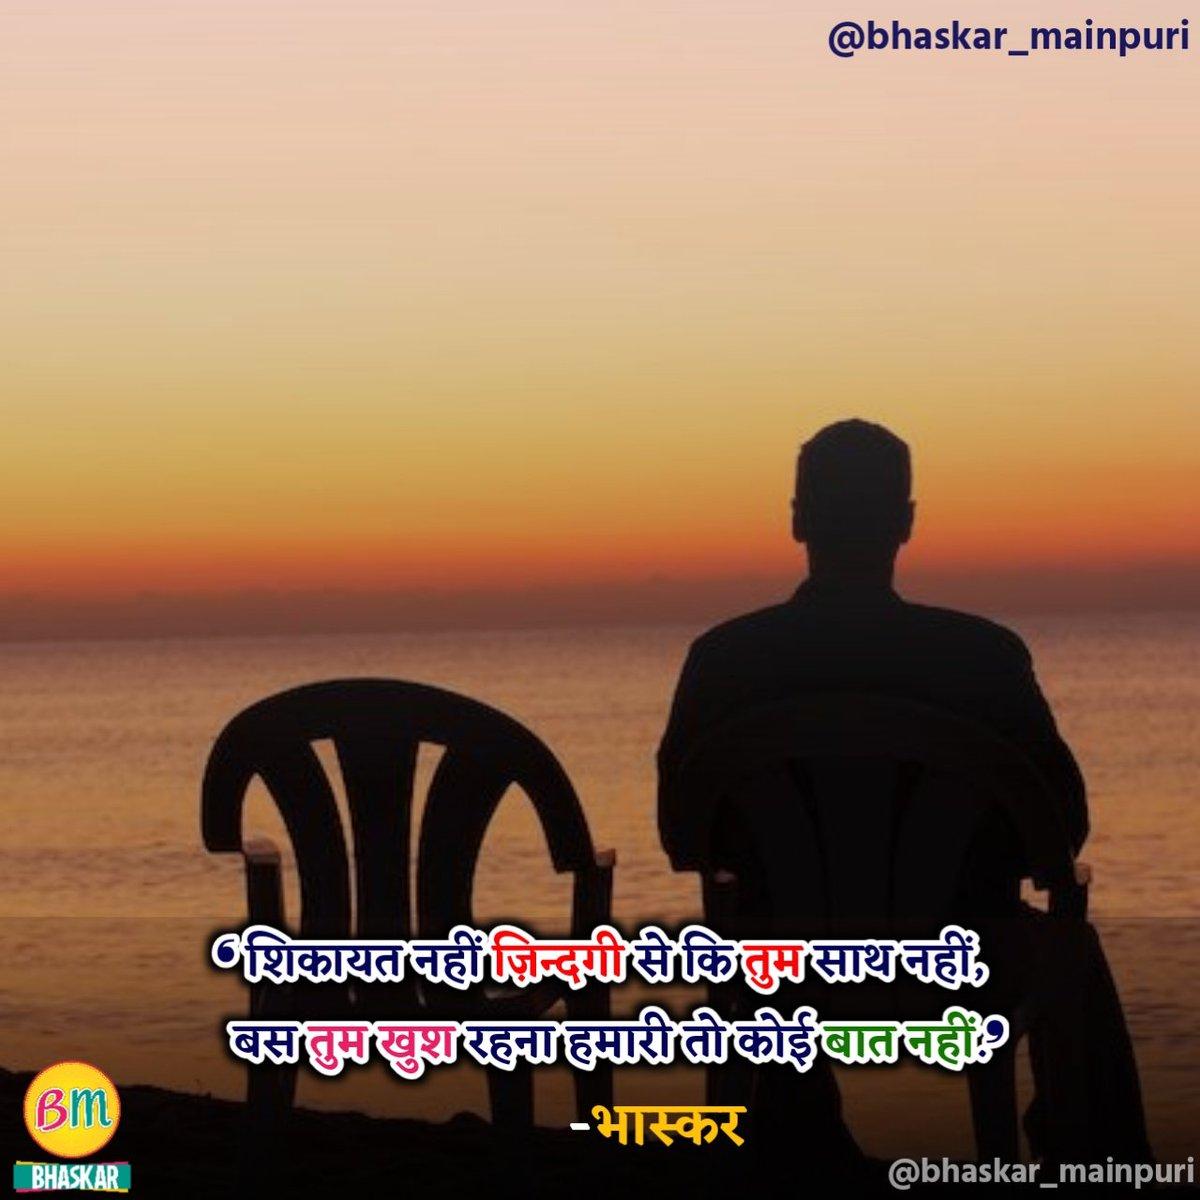 #shayariquotes #MotivationalQuotes #iloveyou #instagram #loverforever #love #pyar #mohobbat #todaylove #loveaajkal #buddhastatus #sad #sadshayari #sadquotespage #sadstatus #todayshayari #todaythought #Buddha   pic.twitter.com/RBuUvyCc32 pic.twitter.com/MD8lXer8lXpic.twitter.com/nhQccy1R0K